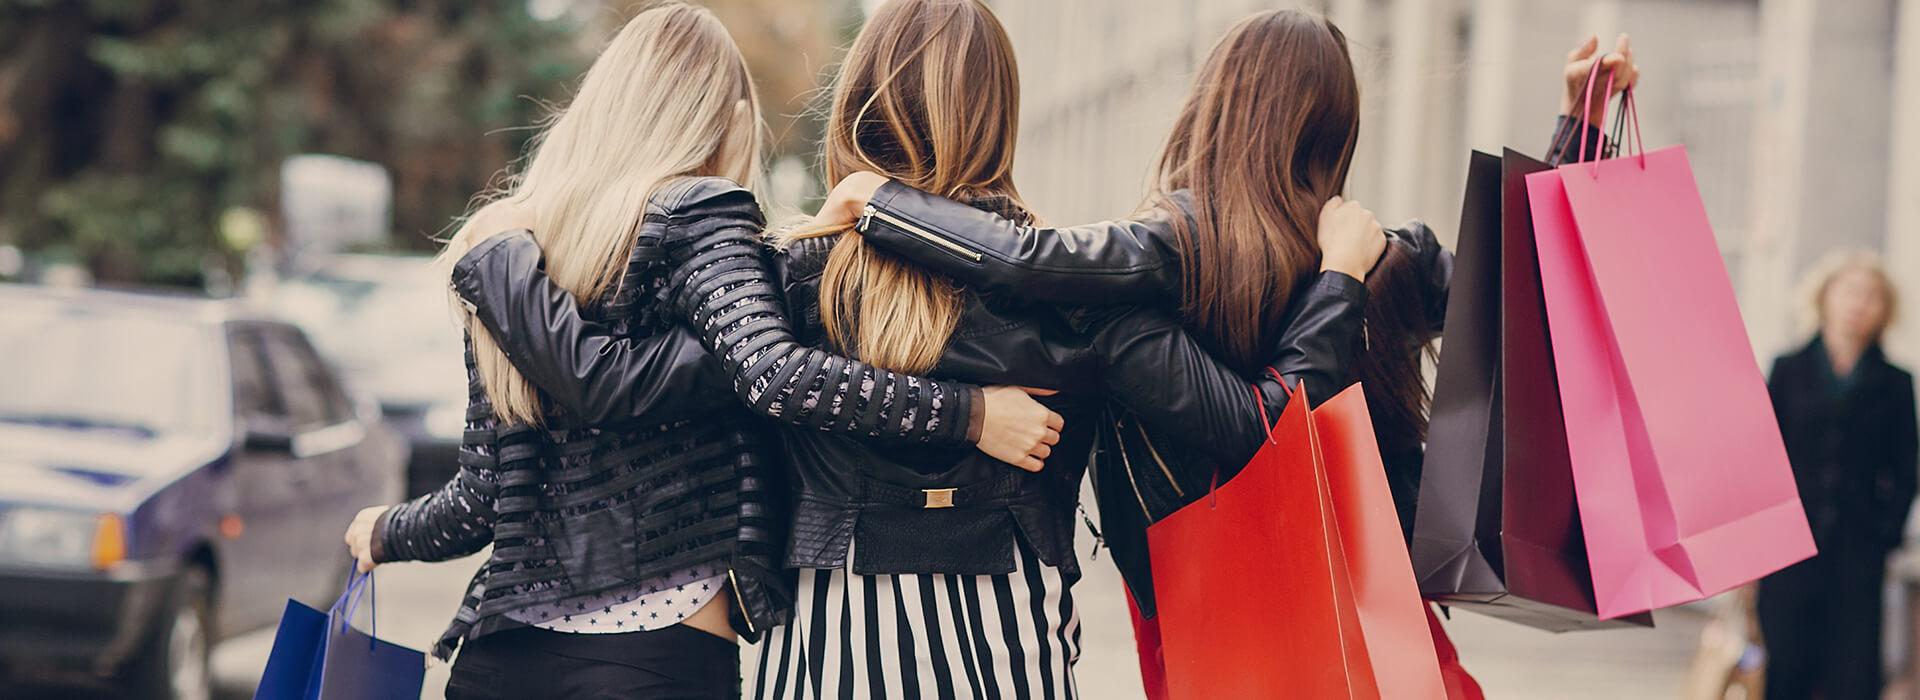 фотографии каждого картинки про долгожданную встречу с подругами запросу